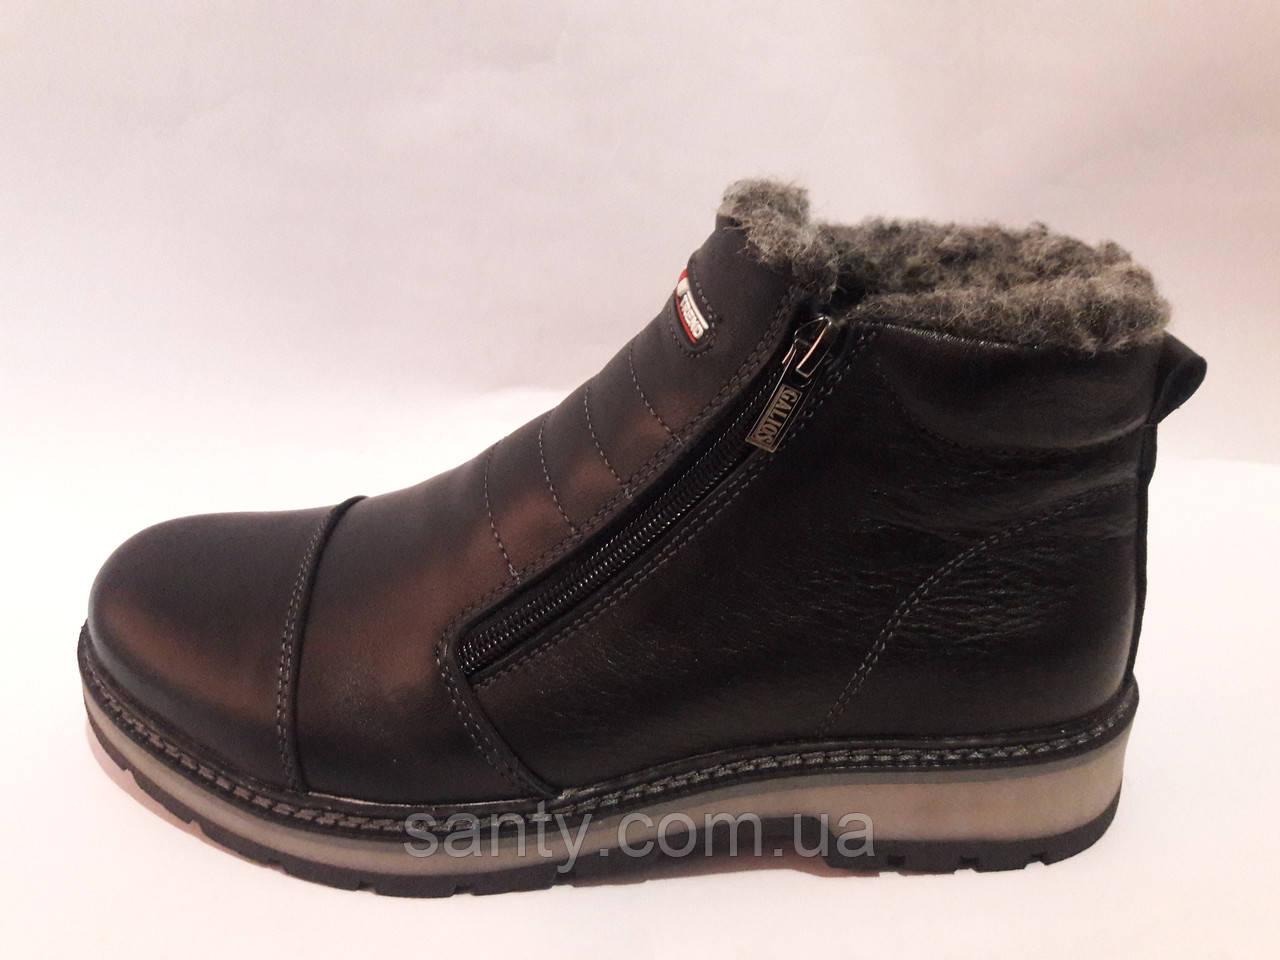 Мужские зимние ботинки из натуральной кожи., фото 1